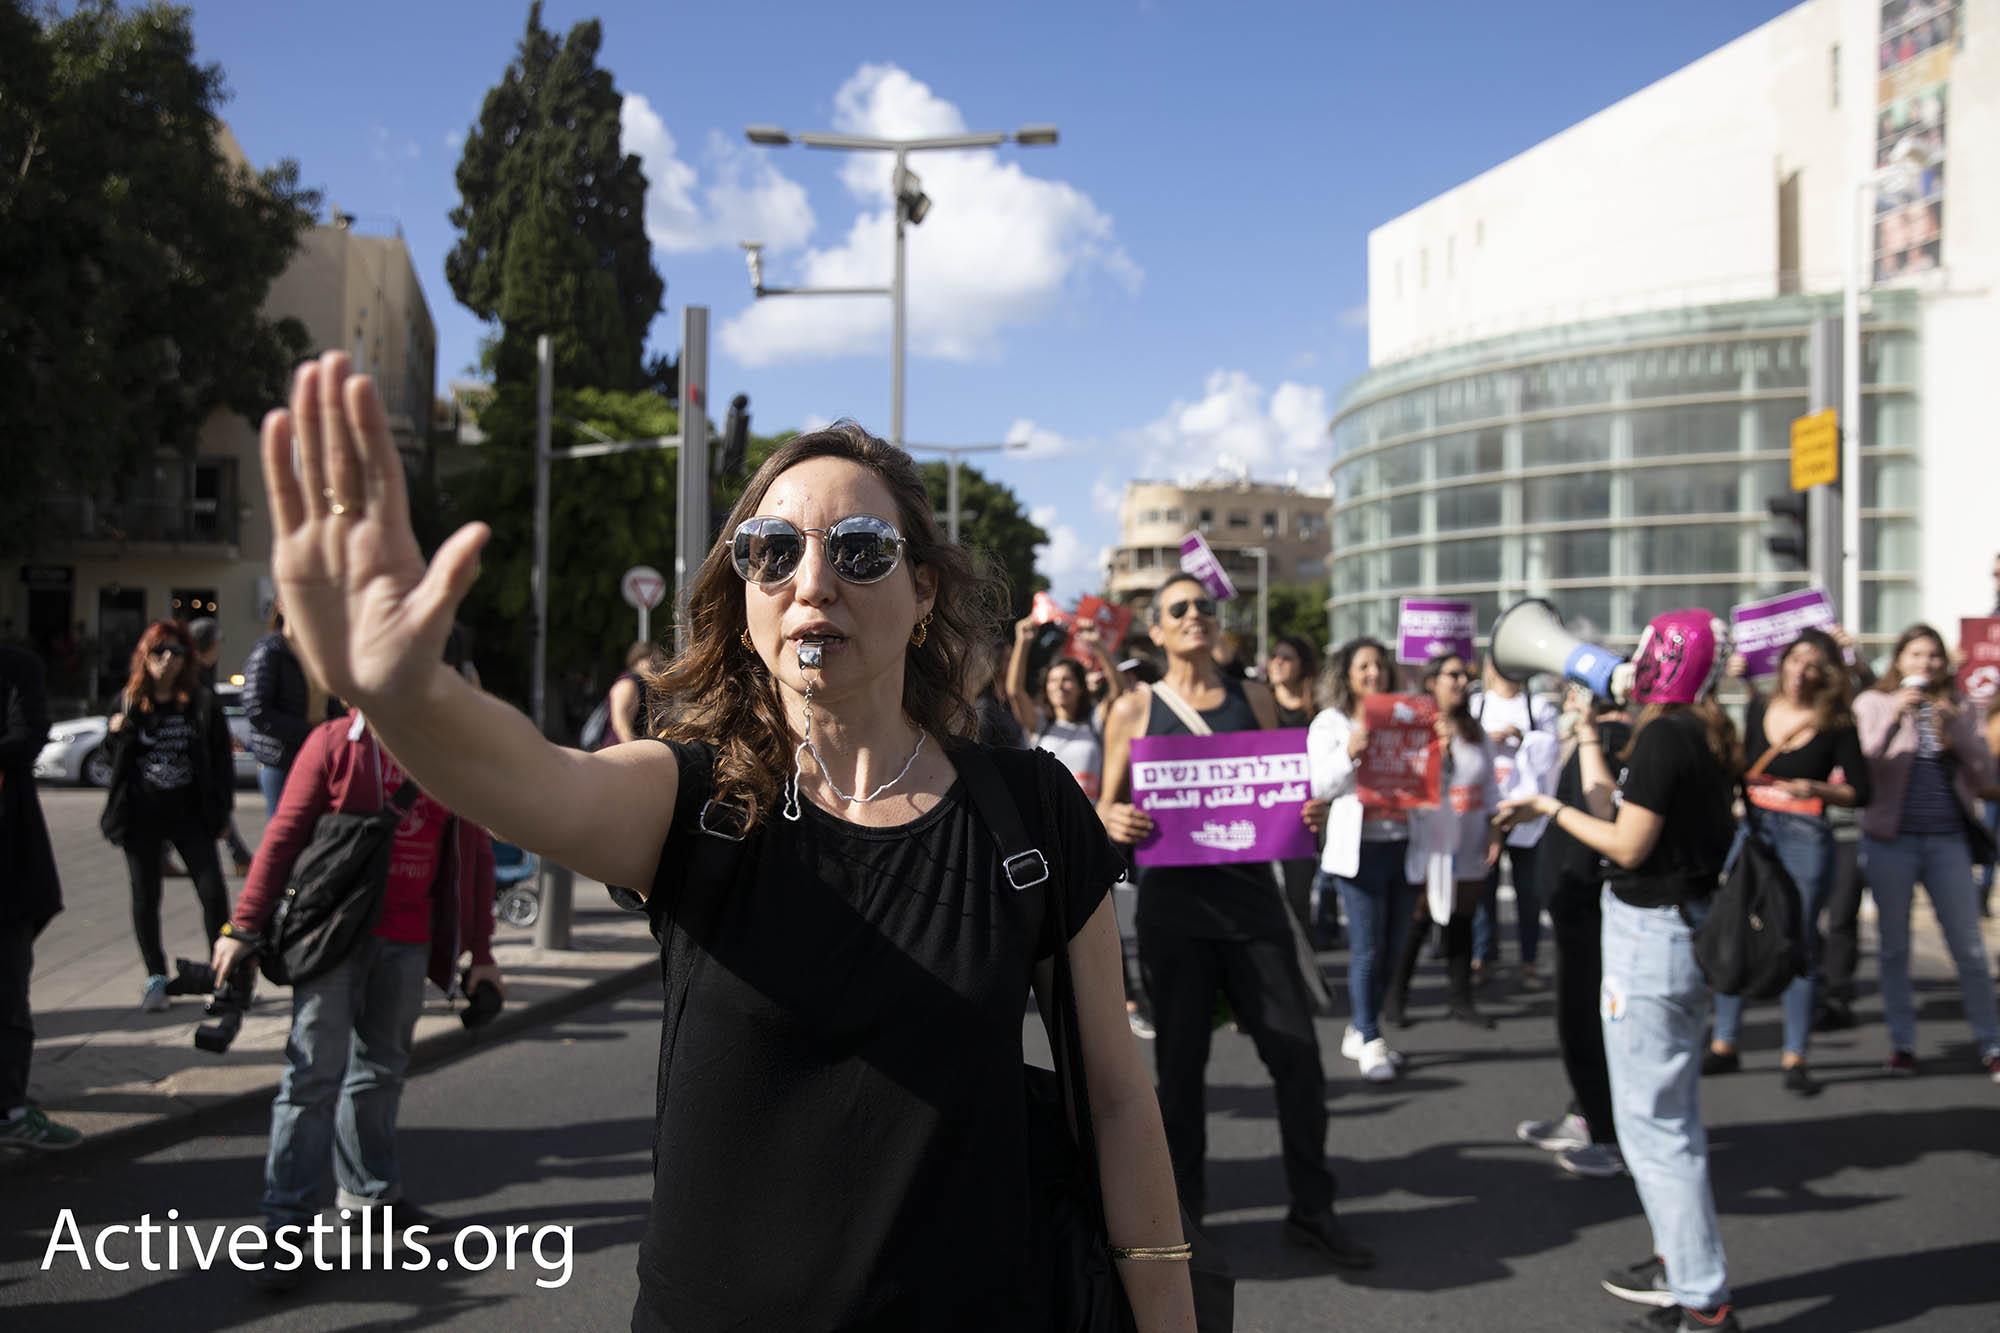 Demonstrators protesting violence against women in the streets of Tel Aviv on Dec. 4, 2018. (Oren Ziv/Activestills.org)